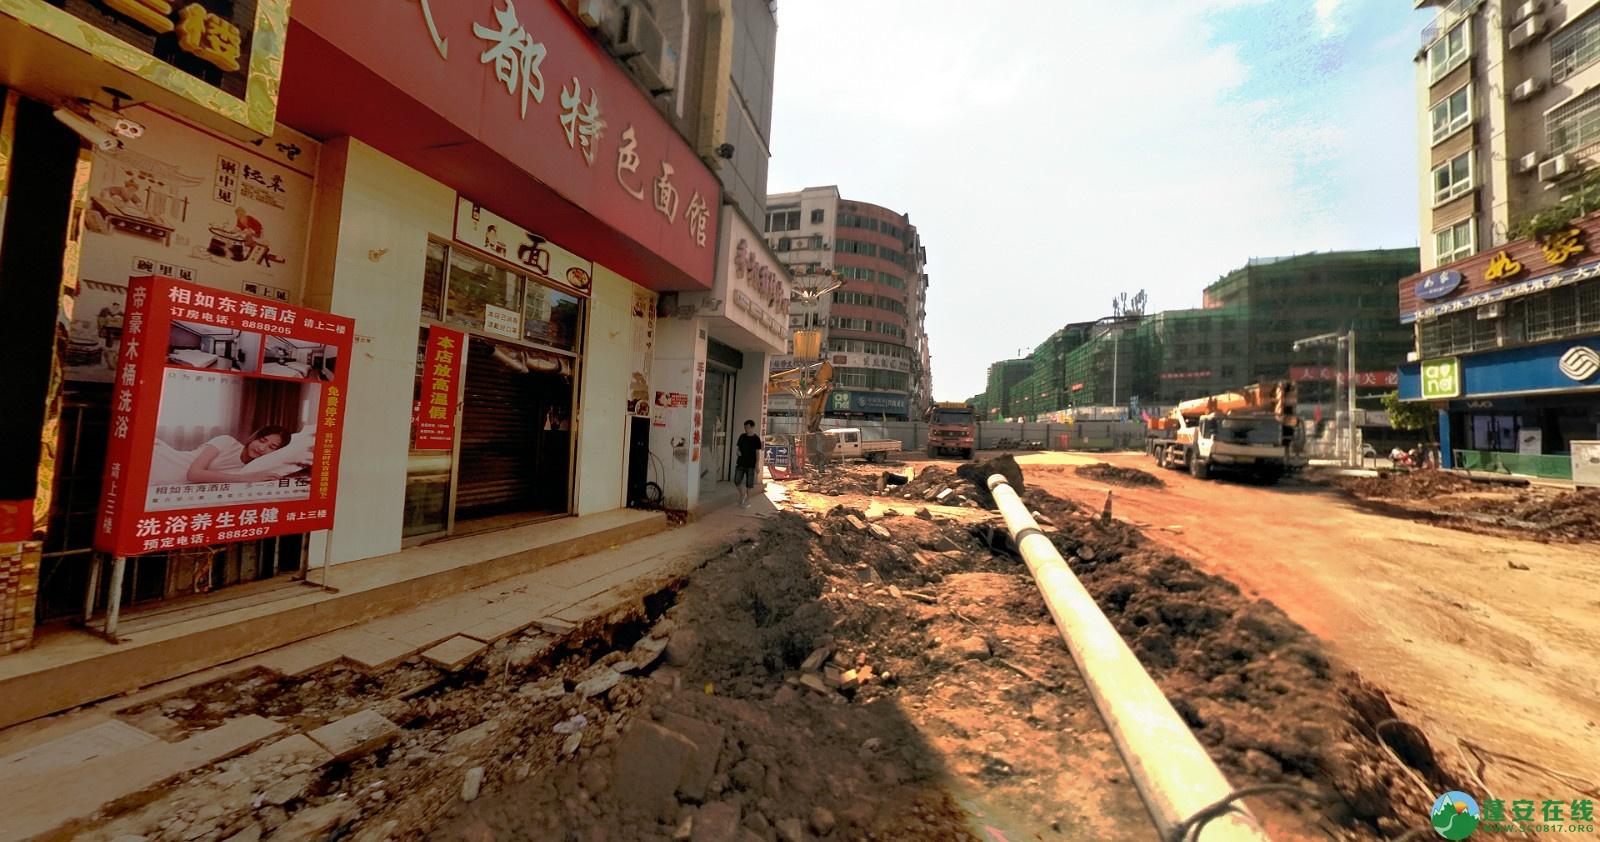 蓬安建设路改造进展(2020-08-05) - 第7张  | 蓬安在线